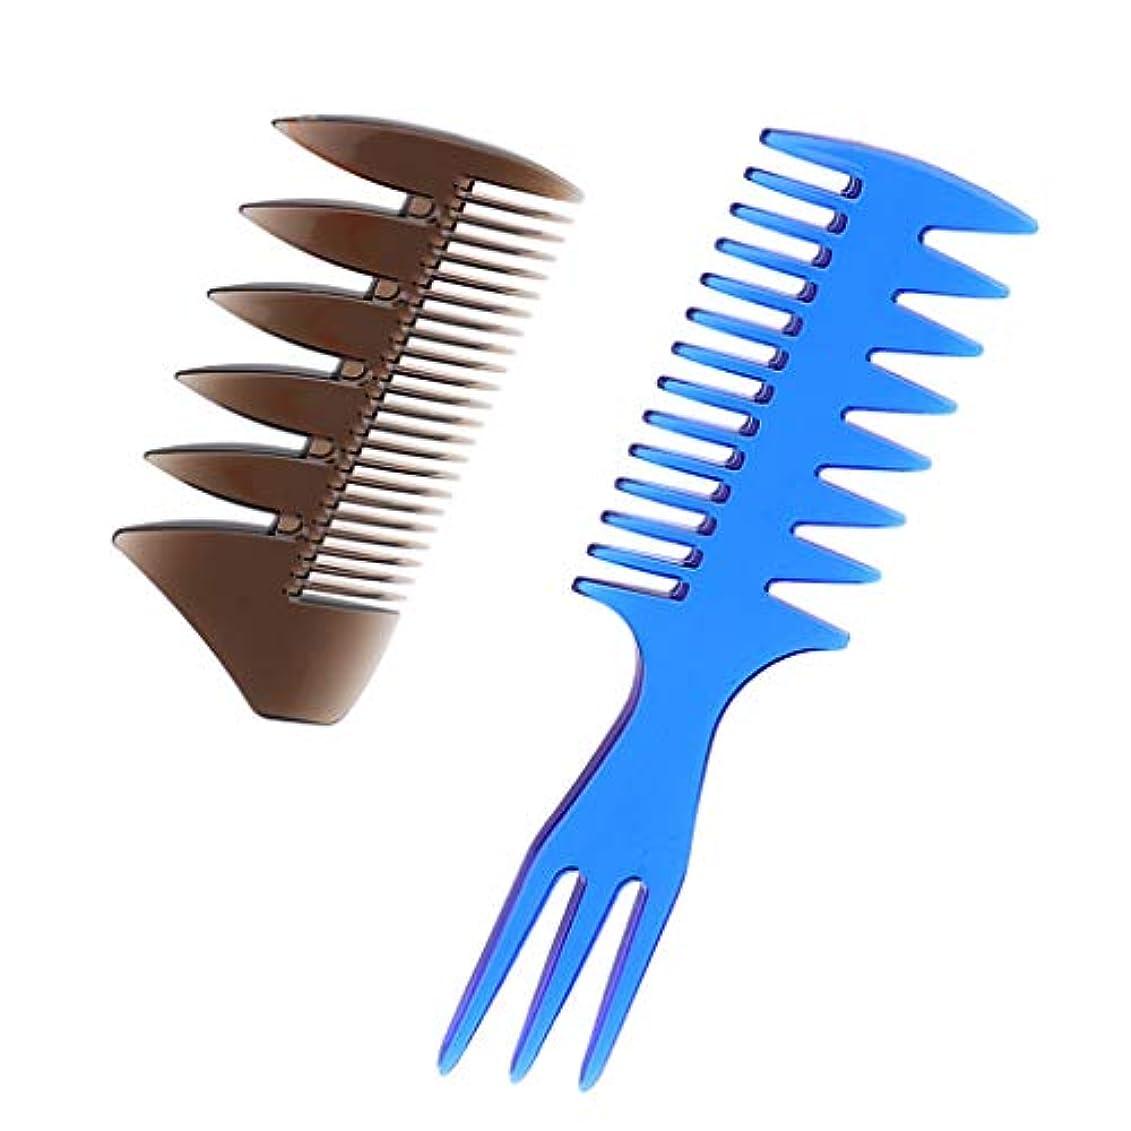 ちょっと待って梨速度2本 男性 油性の髪櫛 ヘアブラシ ヘアサロン 広い歯櫛